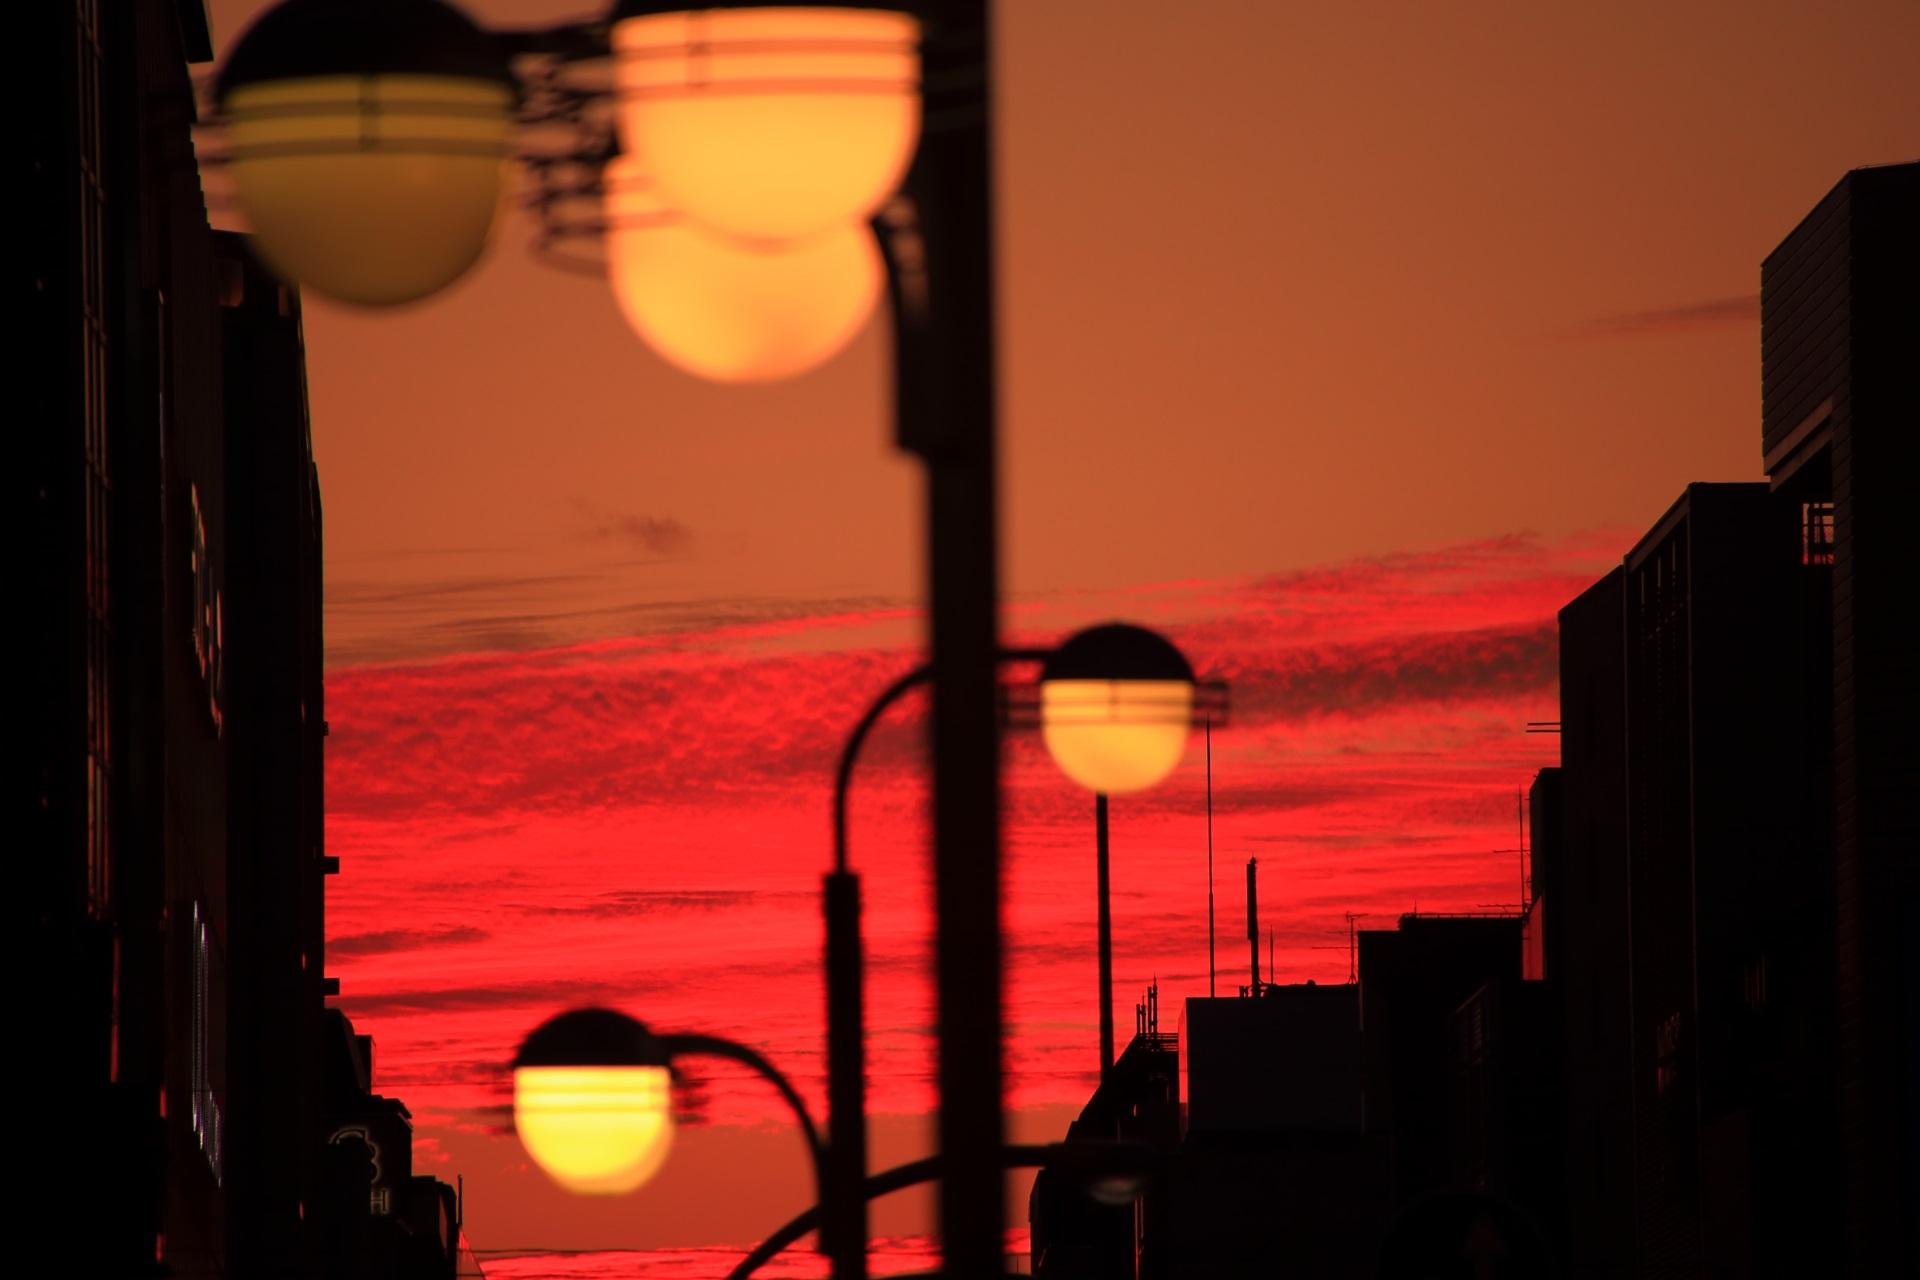 四条通の燃え上がるような夕焼け